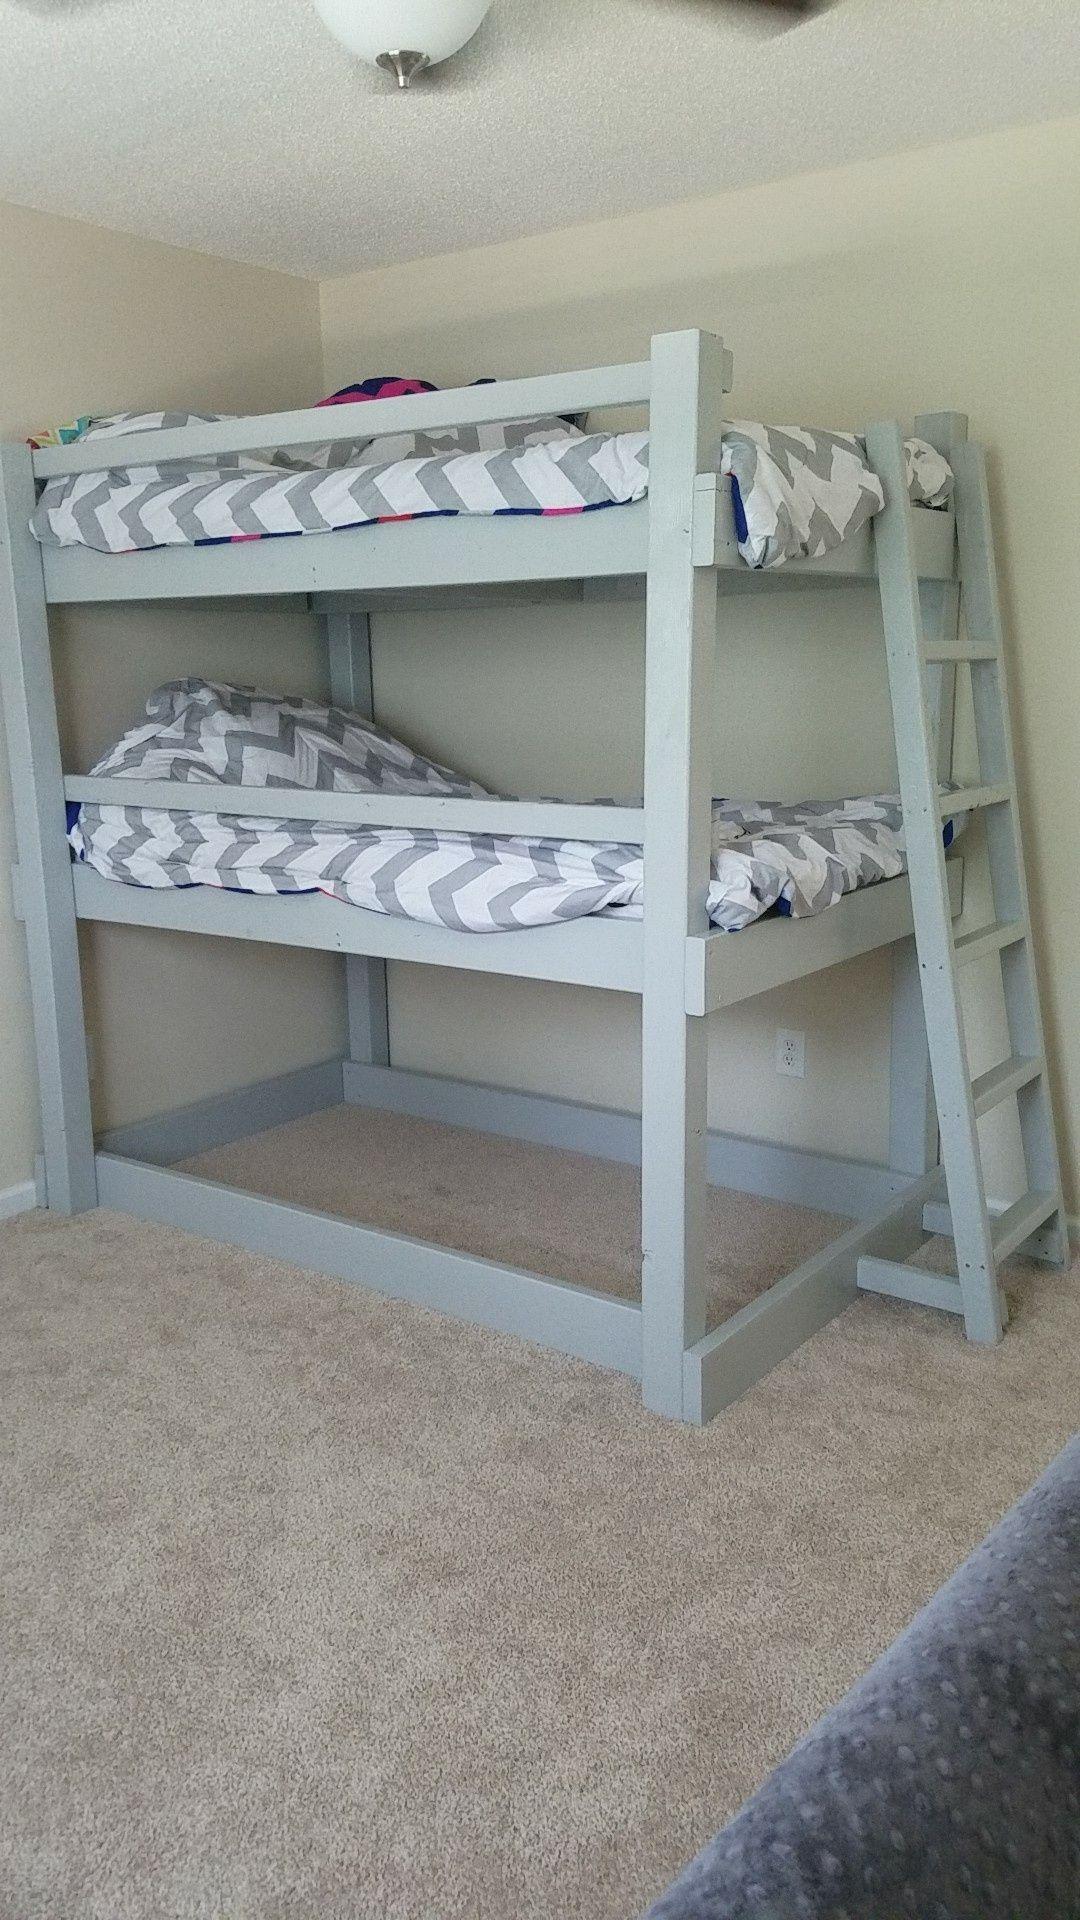 Pin De Gary Lumpkin En Bunk Bed Plans Pinterest Minis Y Dormitorio # Muebles Literas Triples